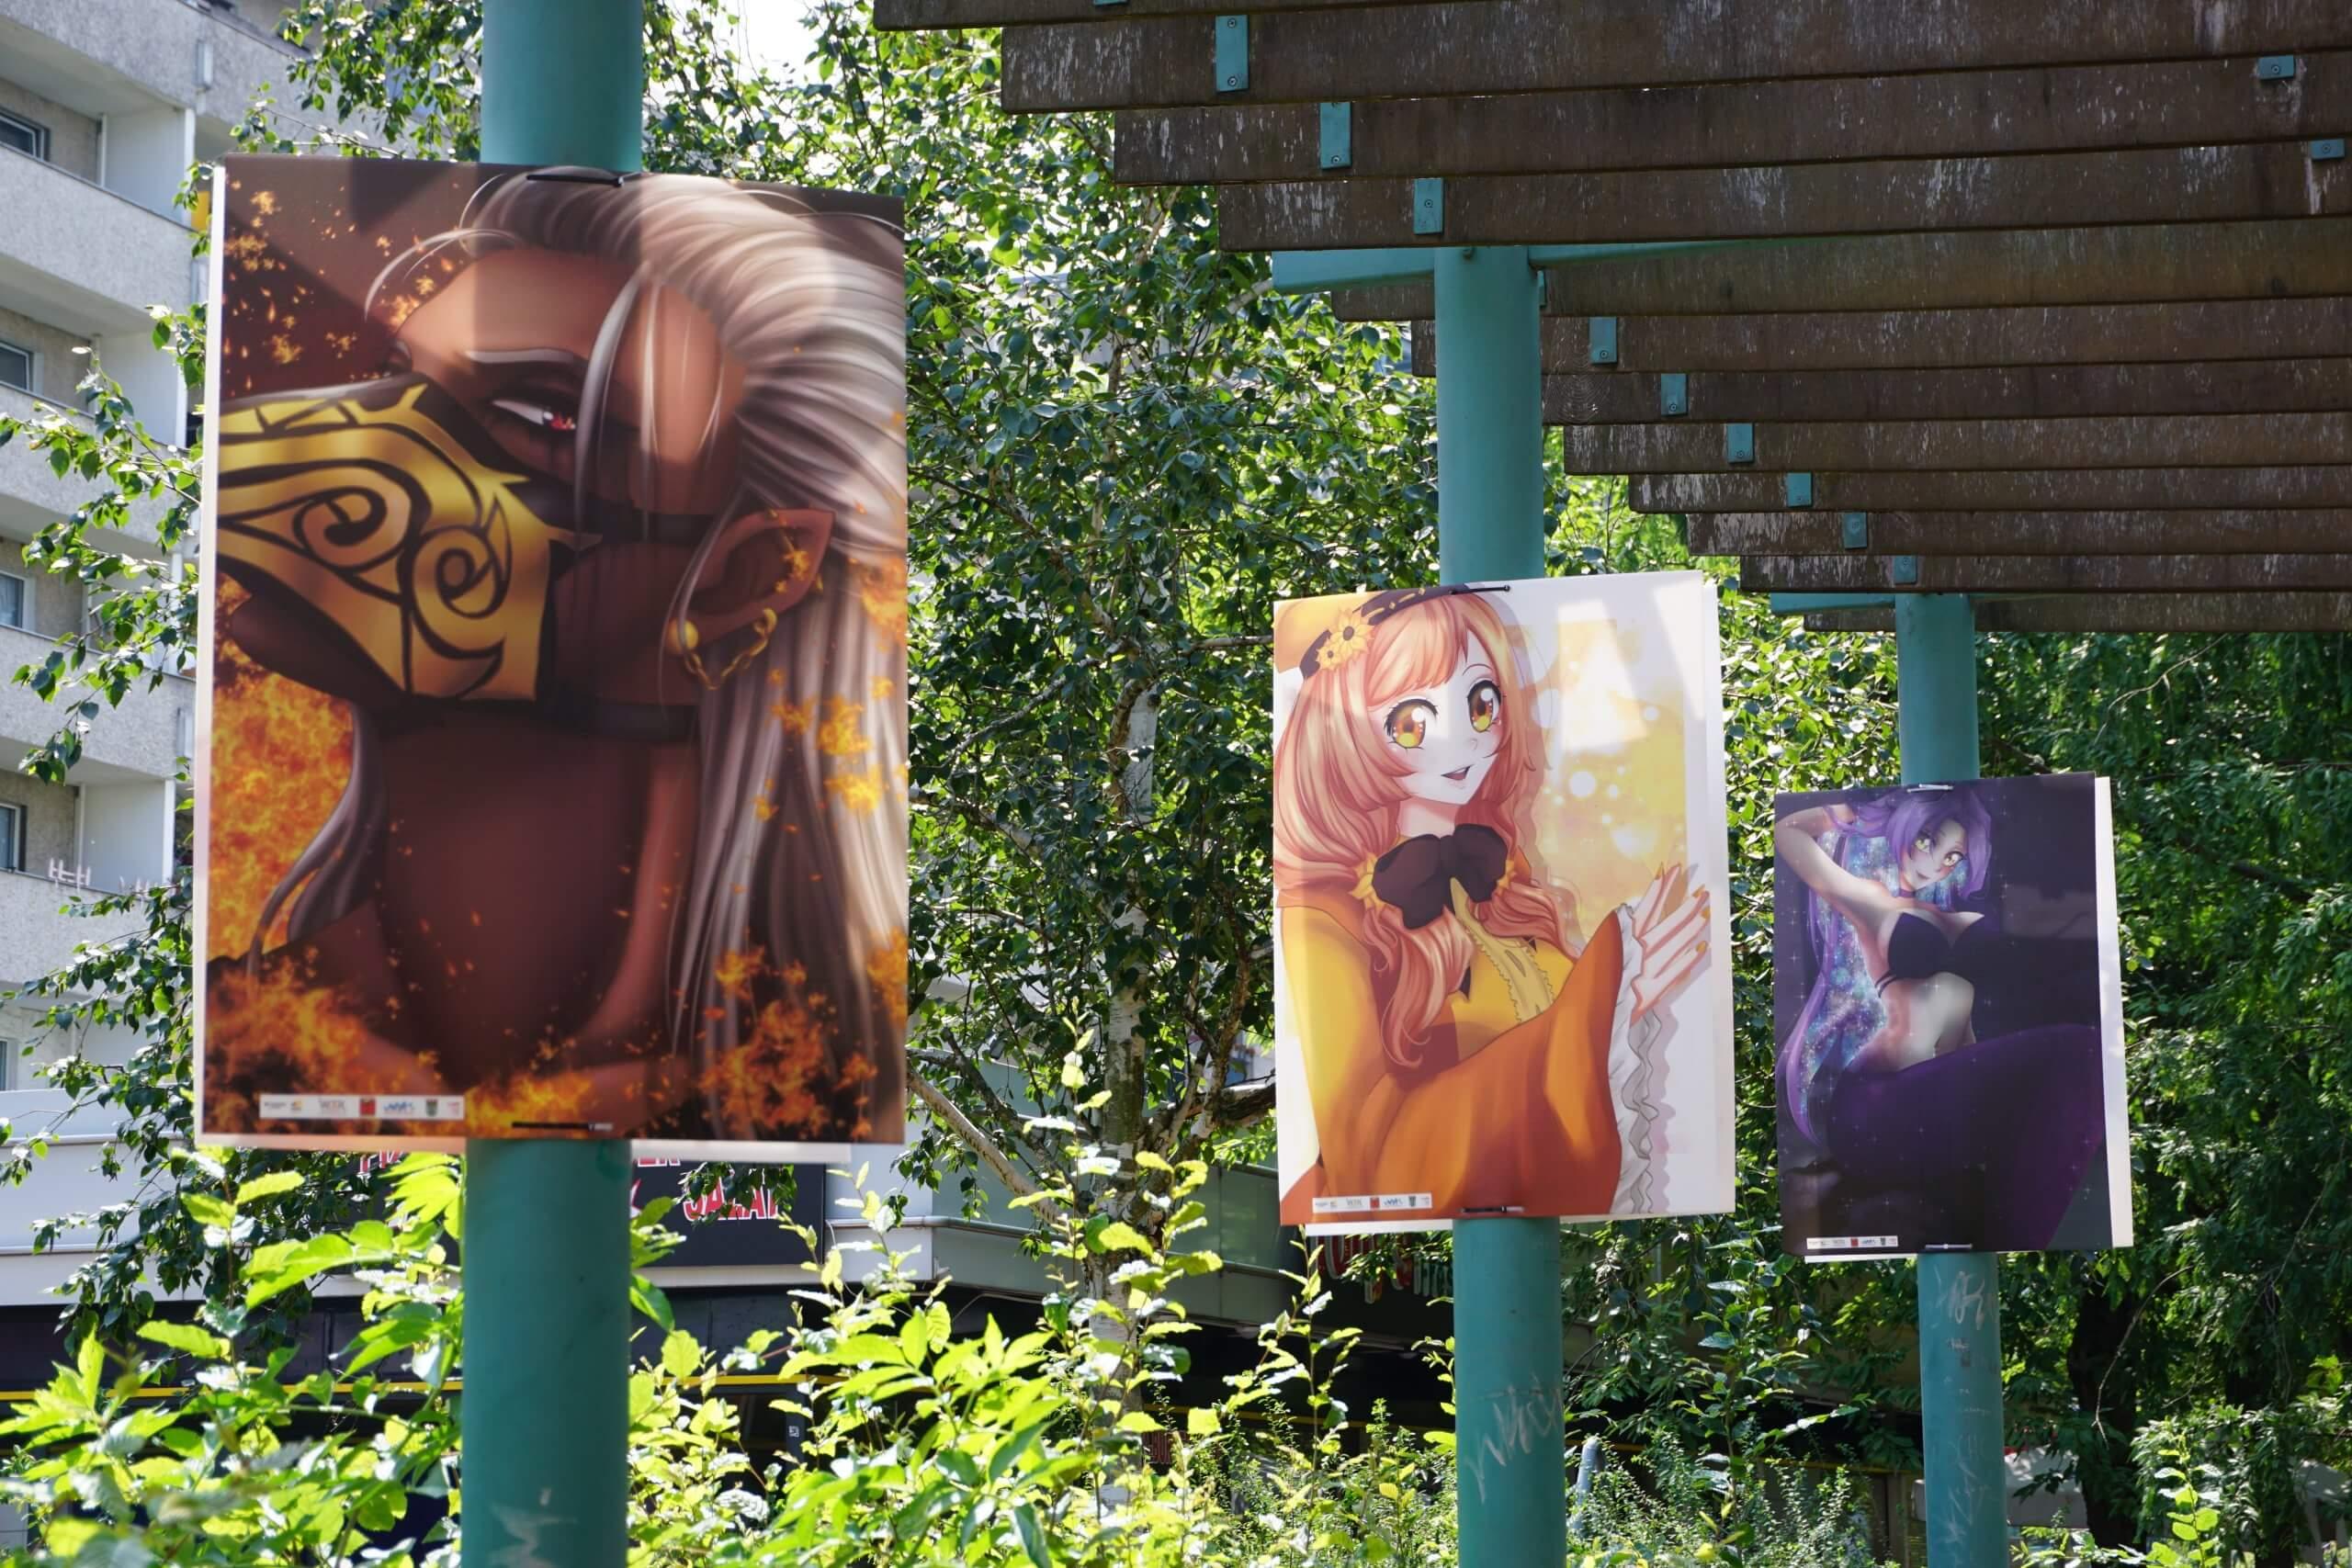 Das Bild zeigt drei der in der Pergola hängenden Mangas der Künstlerin Fuminu.